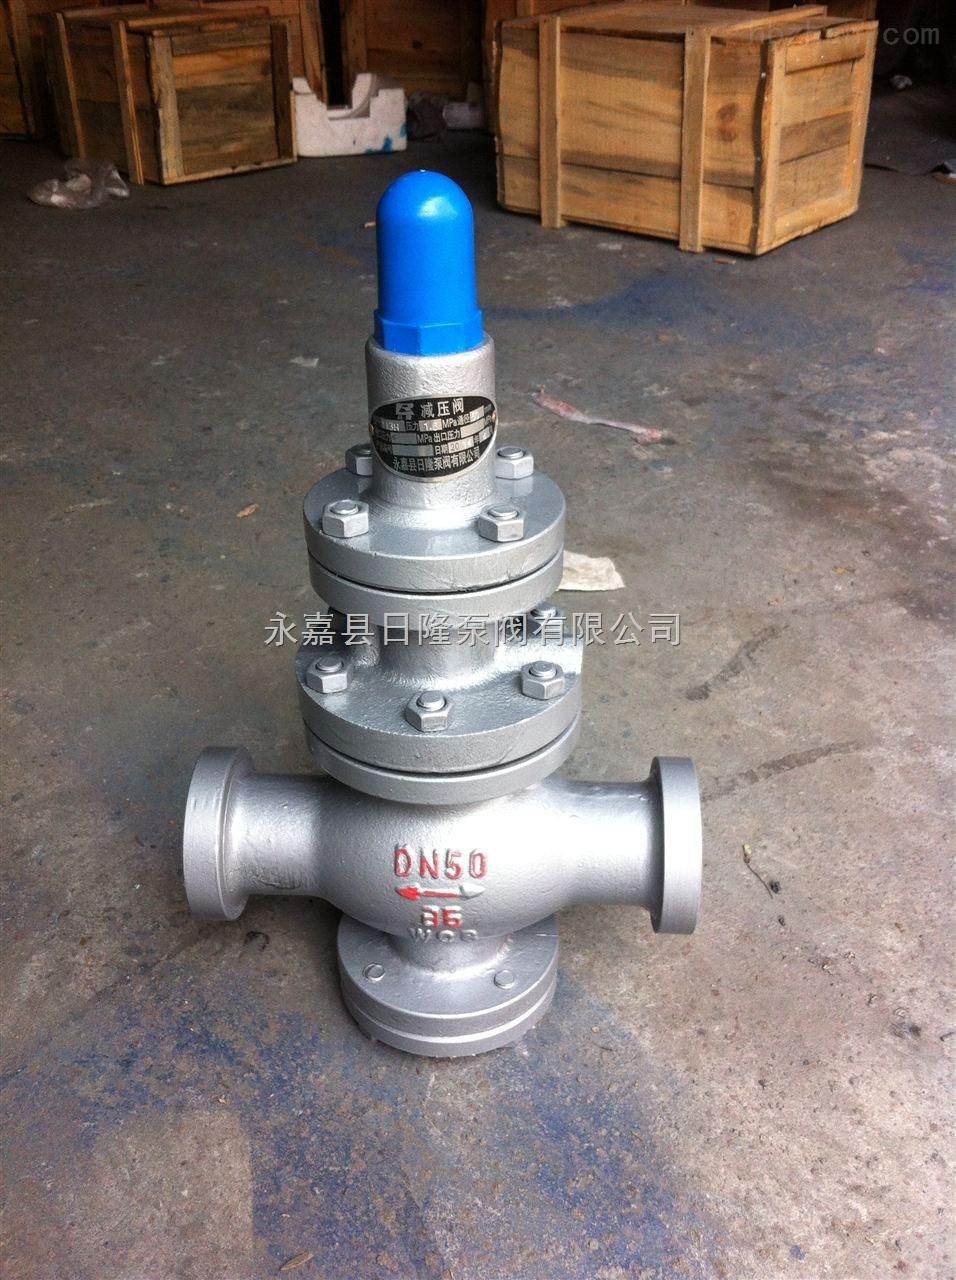 內螺紋蒸汽減壓閥